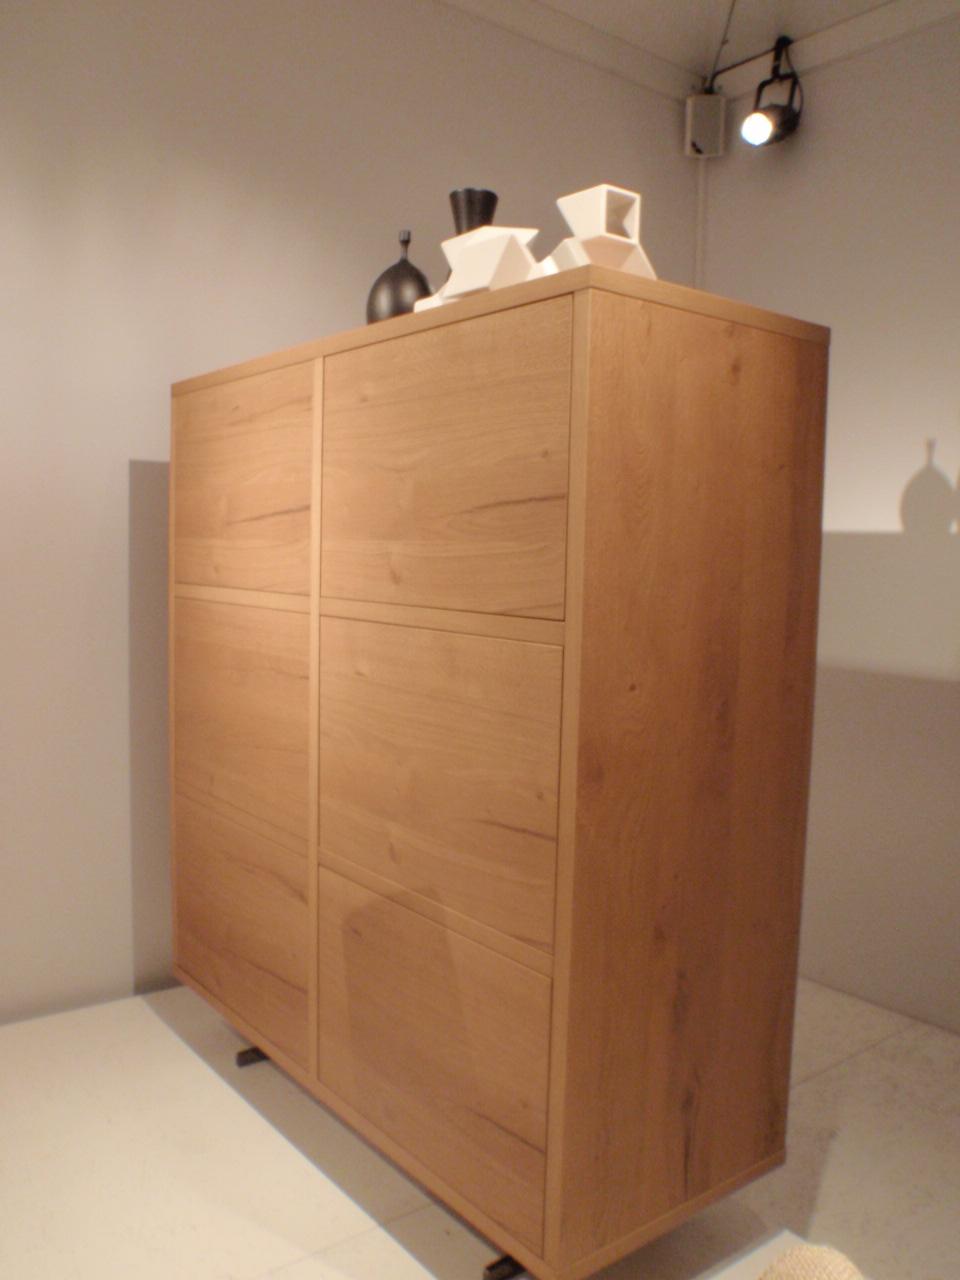 Fuorisalone 2014 la nuova collezione ratio30 del gruppo santarossa non solo mobili cucina - Santarossa mobili ...